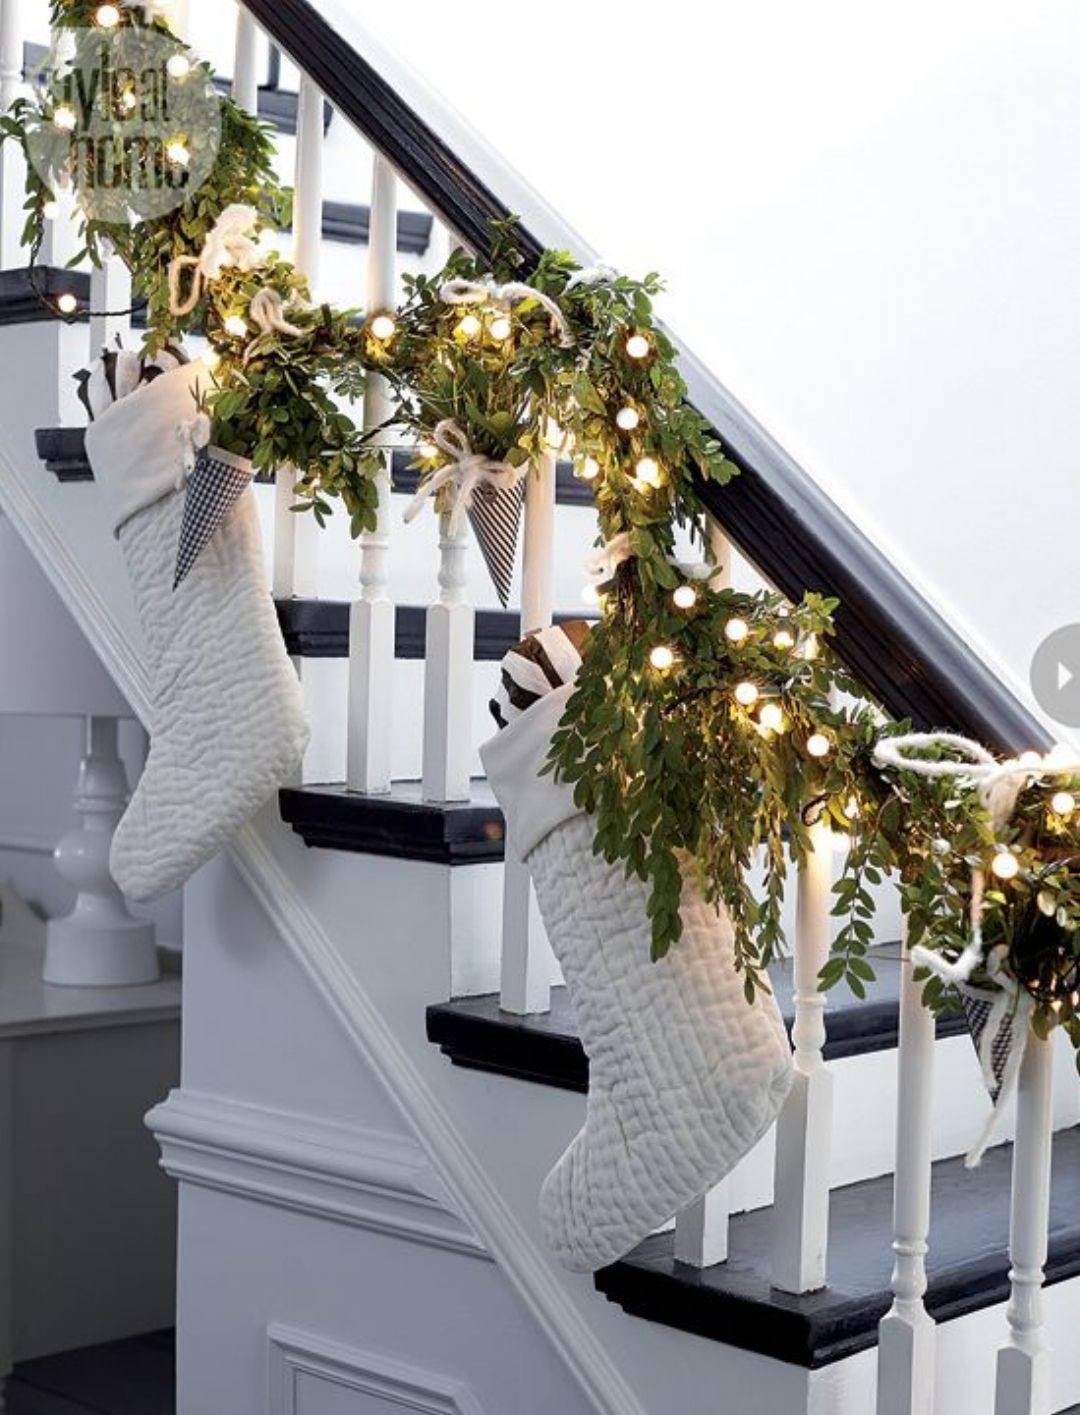 NUEVA DIY 8. Una guirnalda de verde y con luces para la escalera